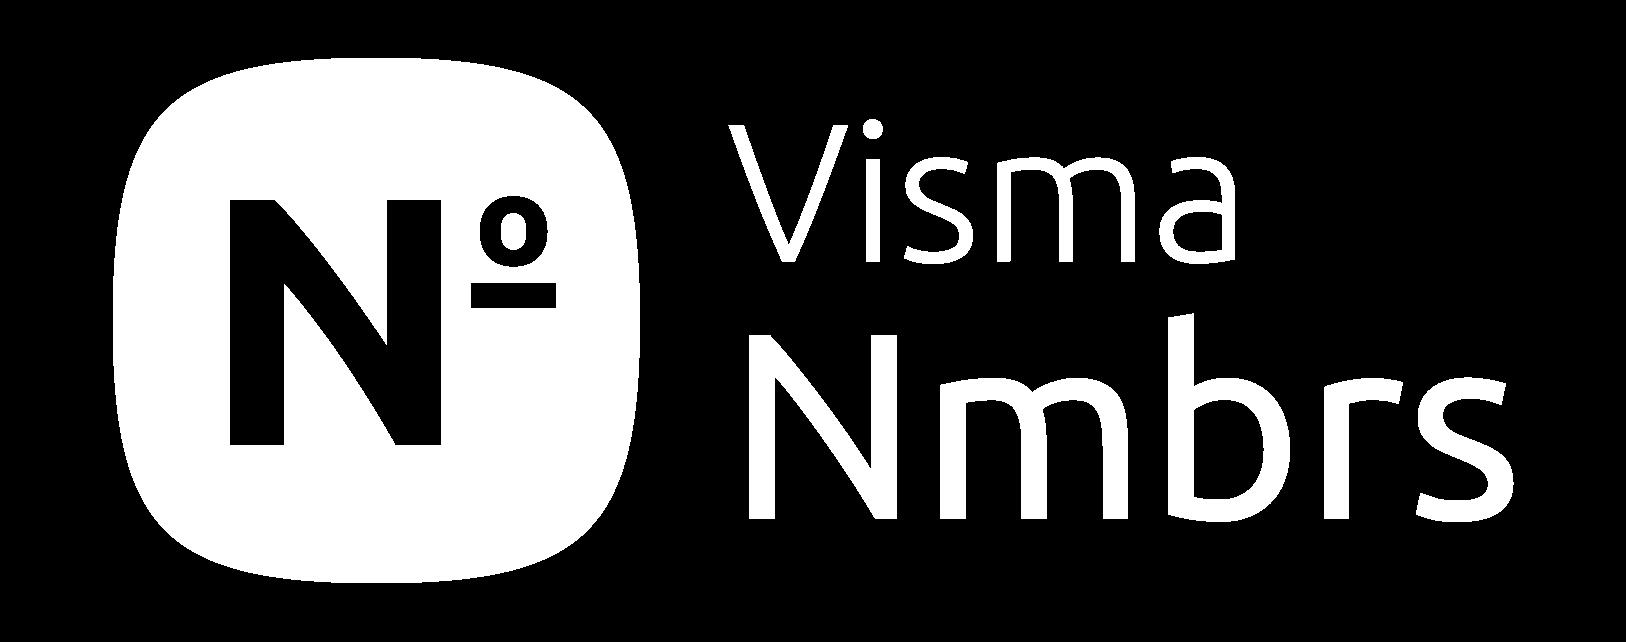 product-logo-white-1